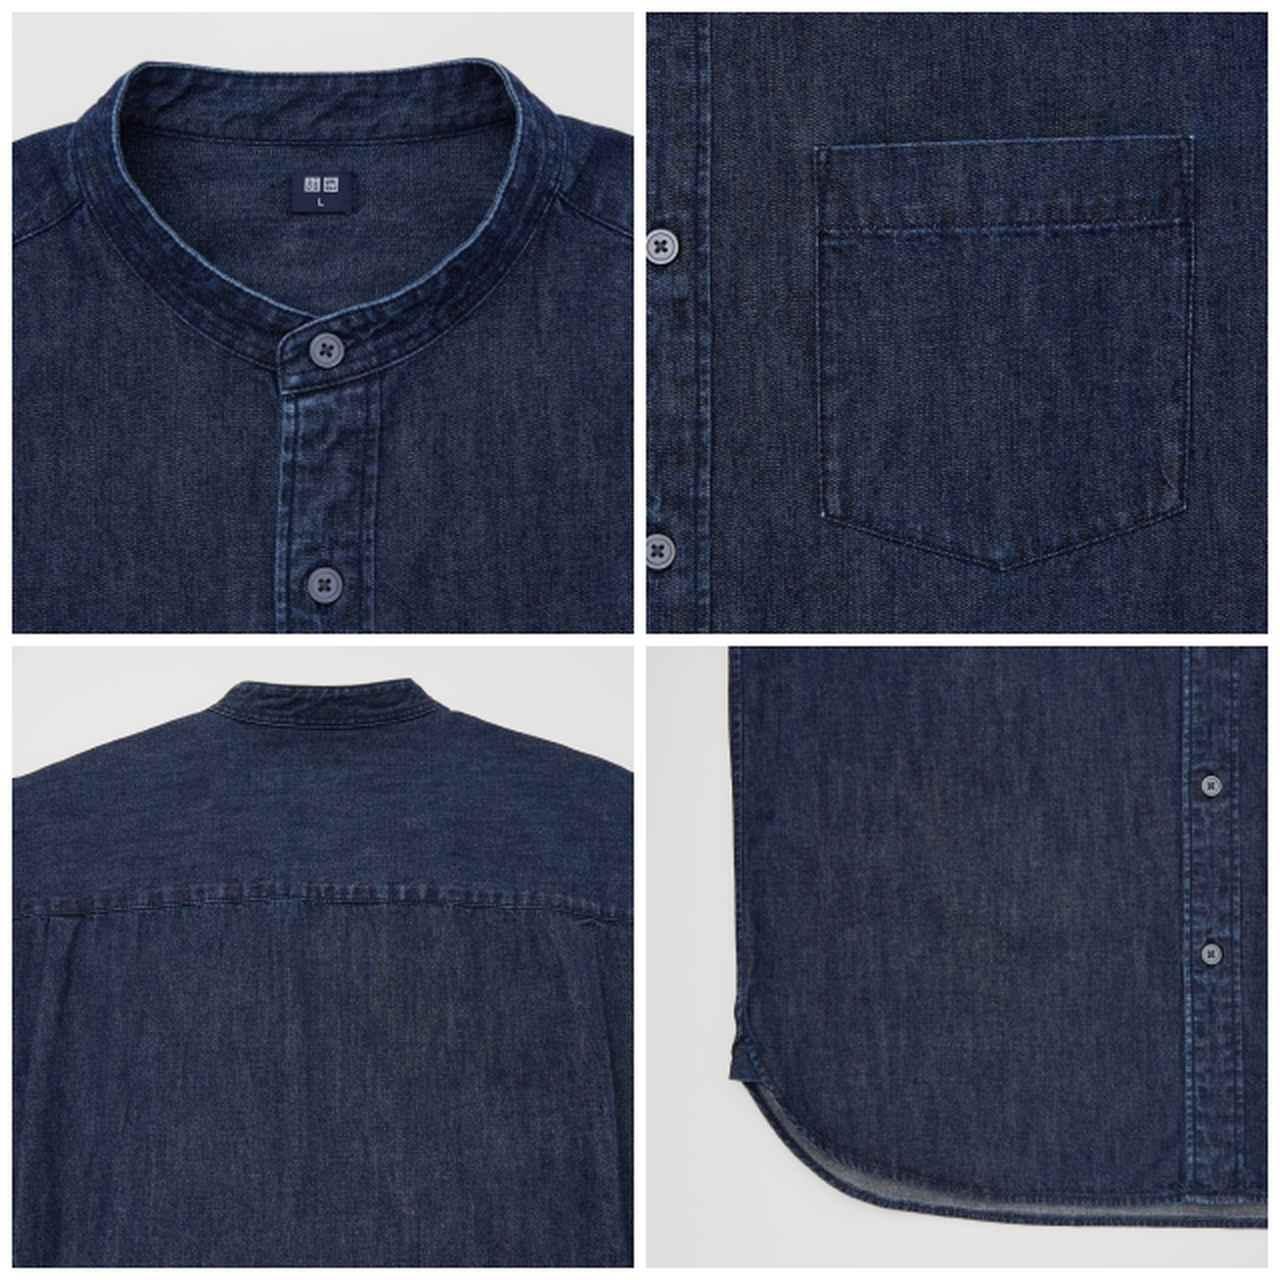 画像2: 「デニムオーバーサイズスタンドカラーシャツ(長袖)」(ネイビー)¥2,990 出典:ユニクロ